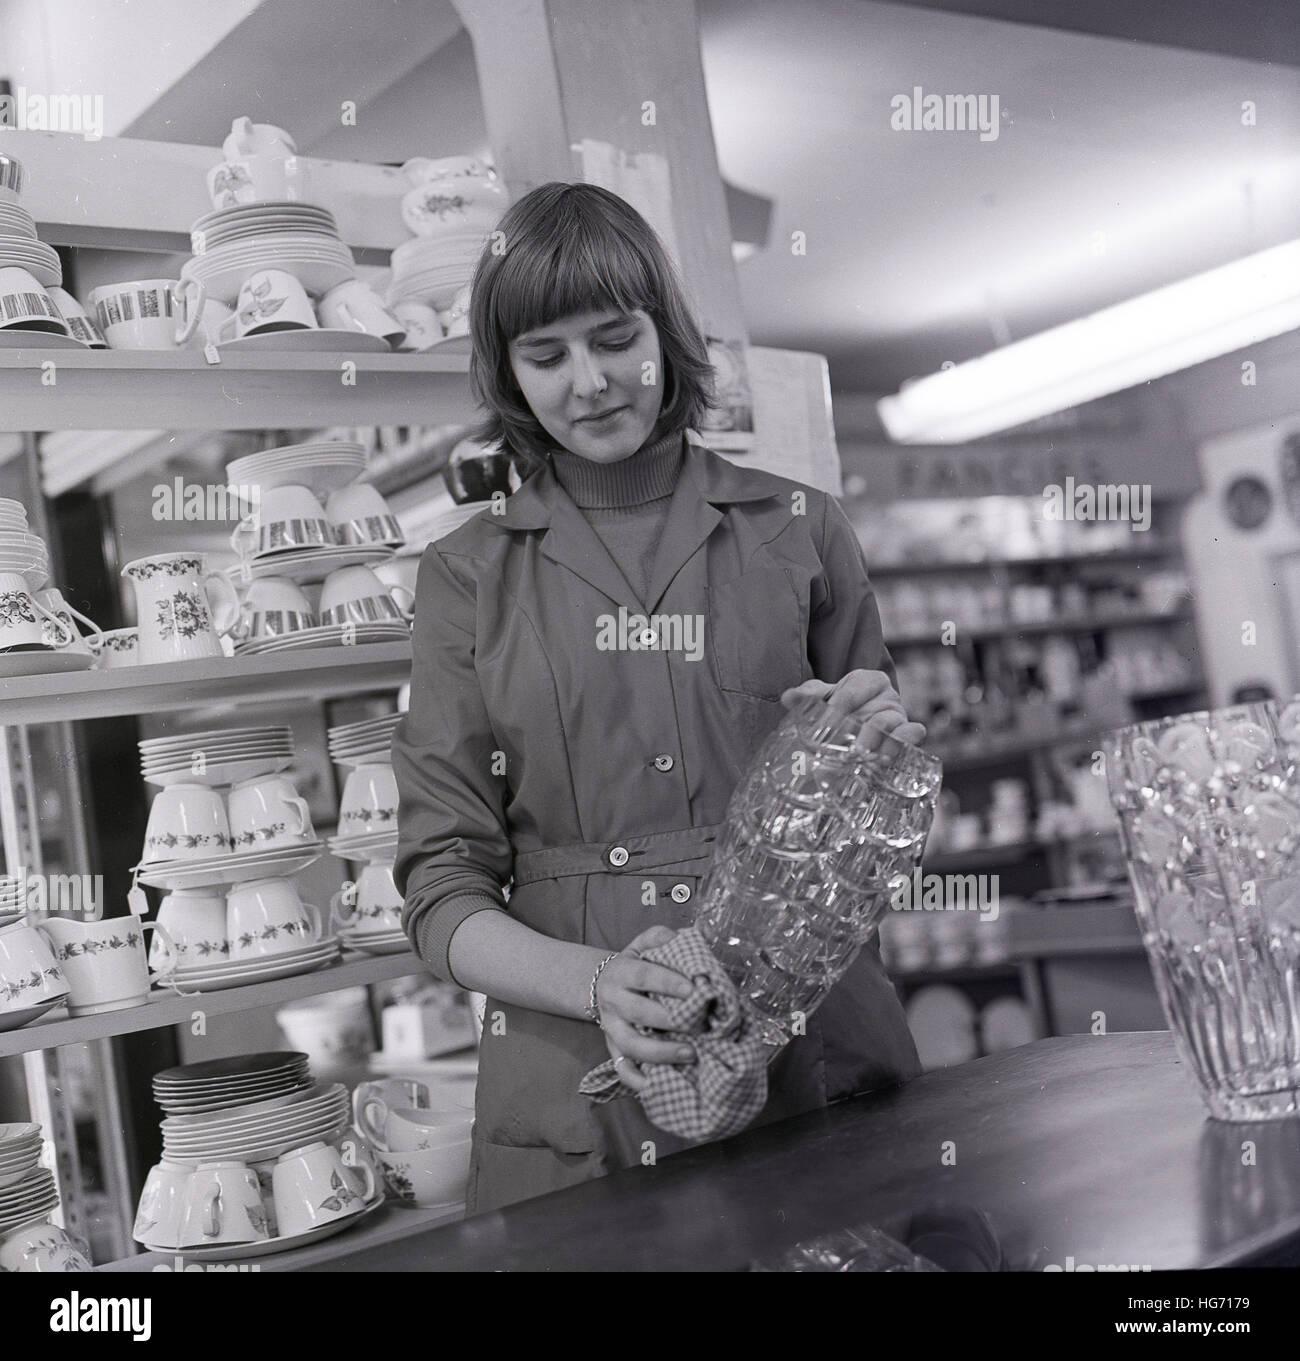 Années 1960, historiques, jeune femme shop assistant nettoie la verrerie vaisselle dans le ministère. Banque D'Images